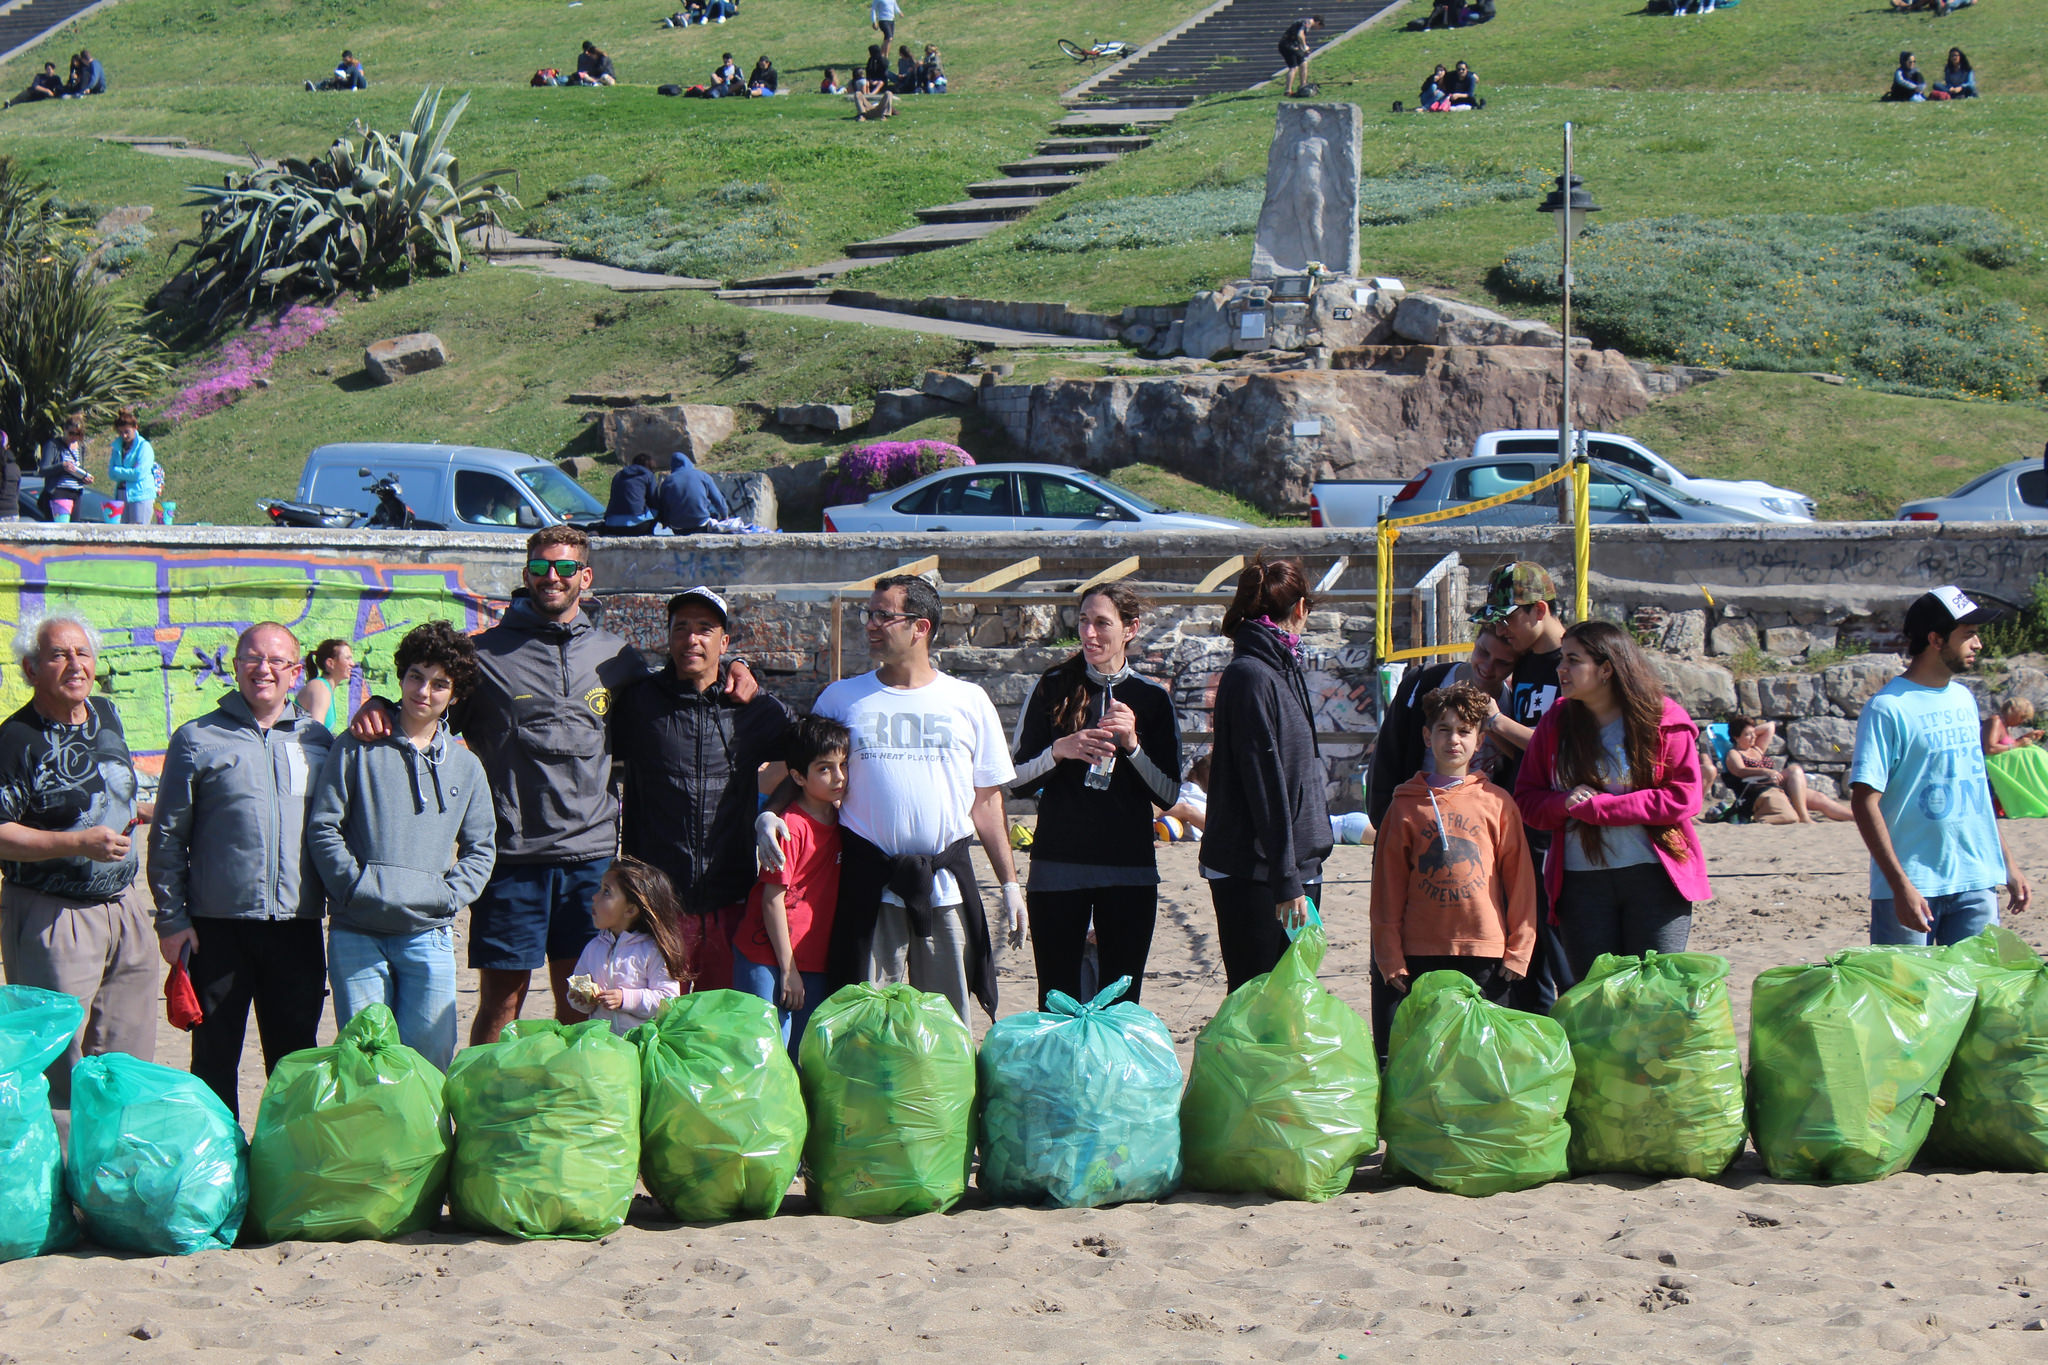 Encouragée par A Rocha, l'église La Unión dans la cité de Mar del Plata, Argentine, s'est mobilisée avec Christian Surfers Argentina et le groupe chrétien Kairós. En à peine deux heures, ils ont collecté 32 sacs de déchets, plus trois conteneurs remplis d'objets coupants. (Photo : Analia Milanessi)